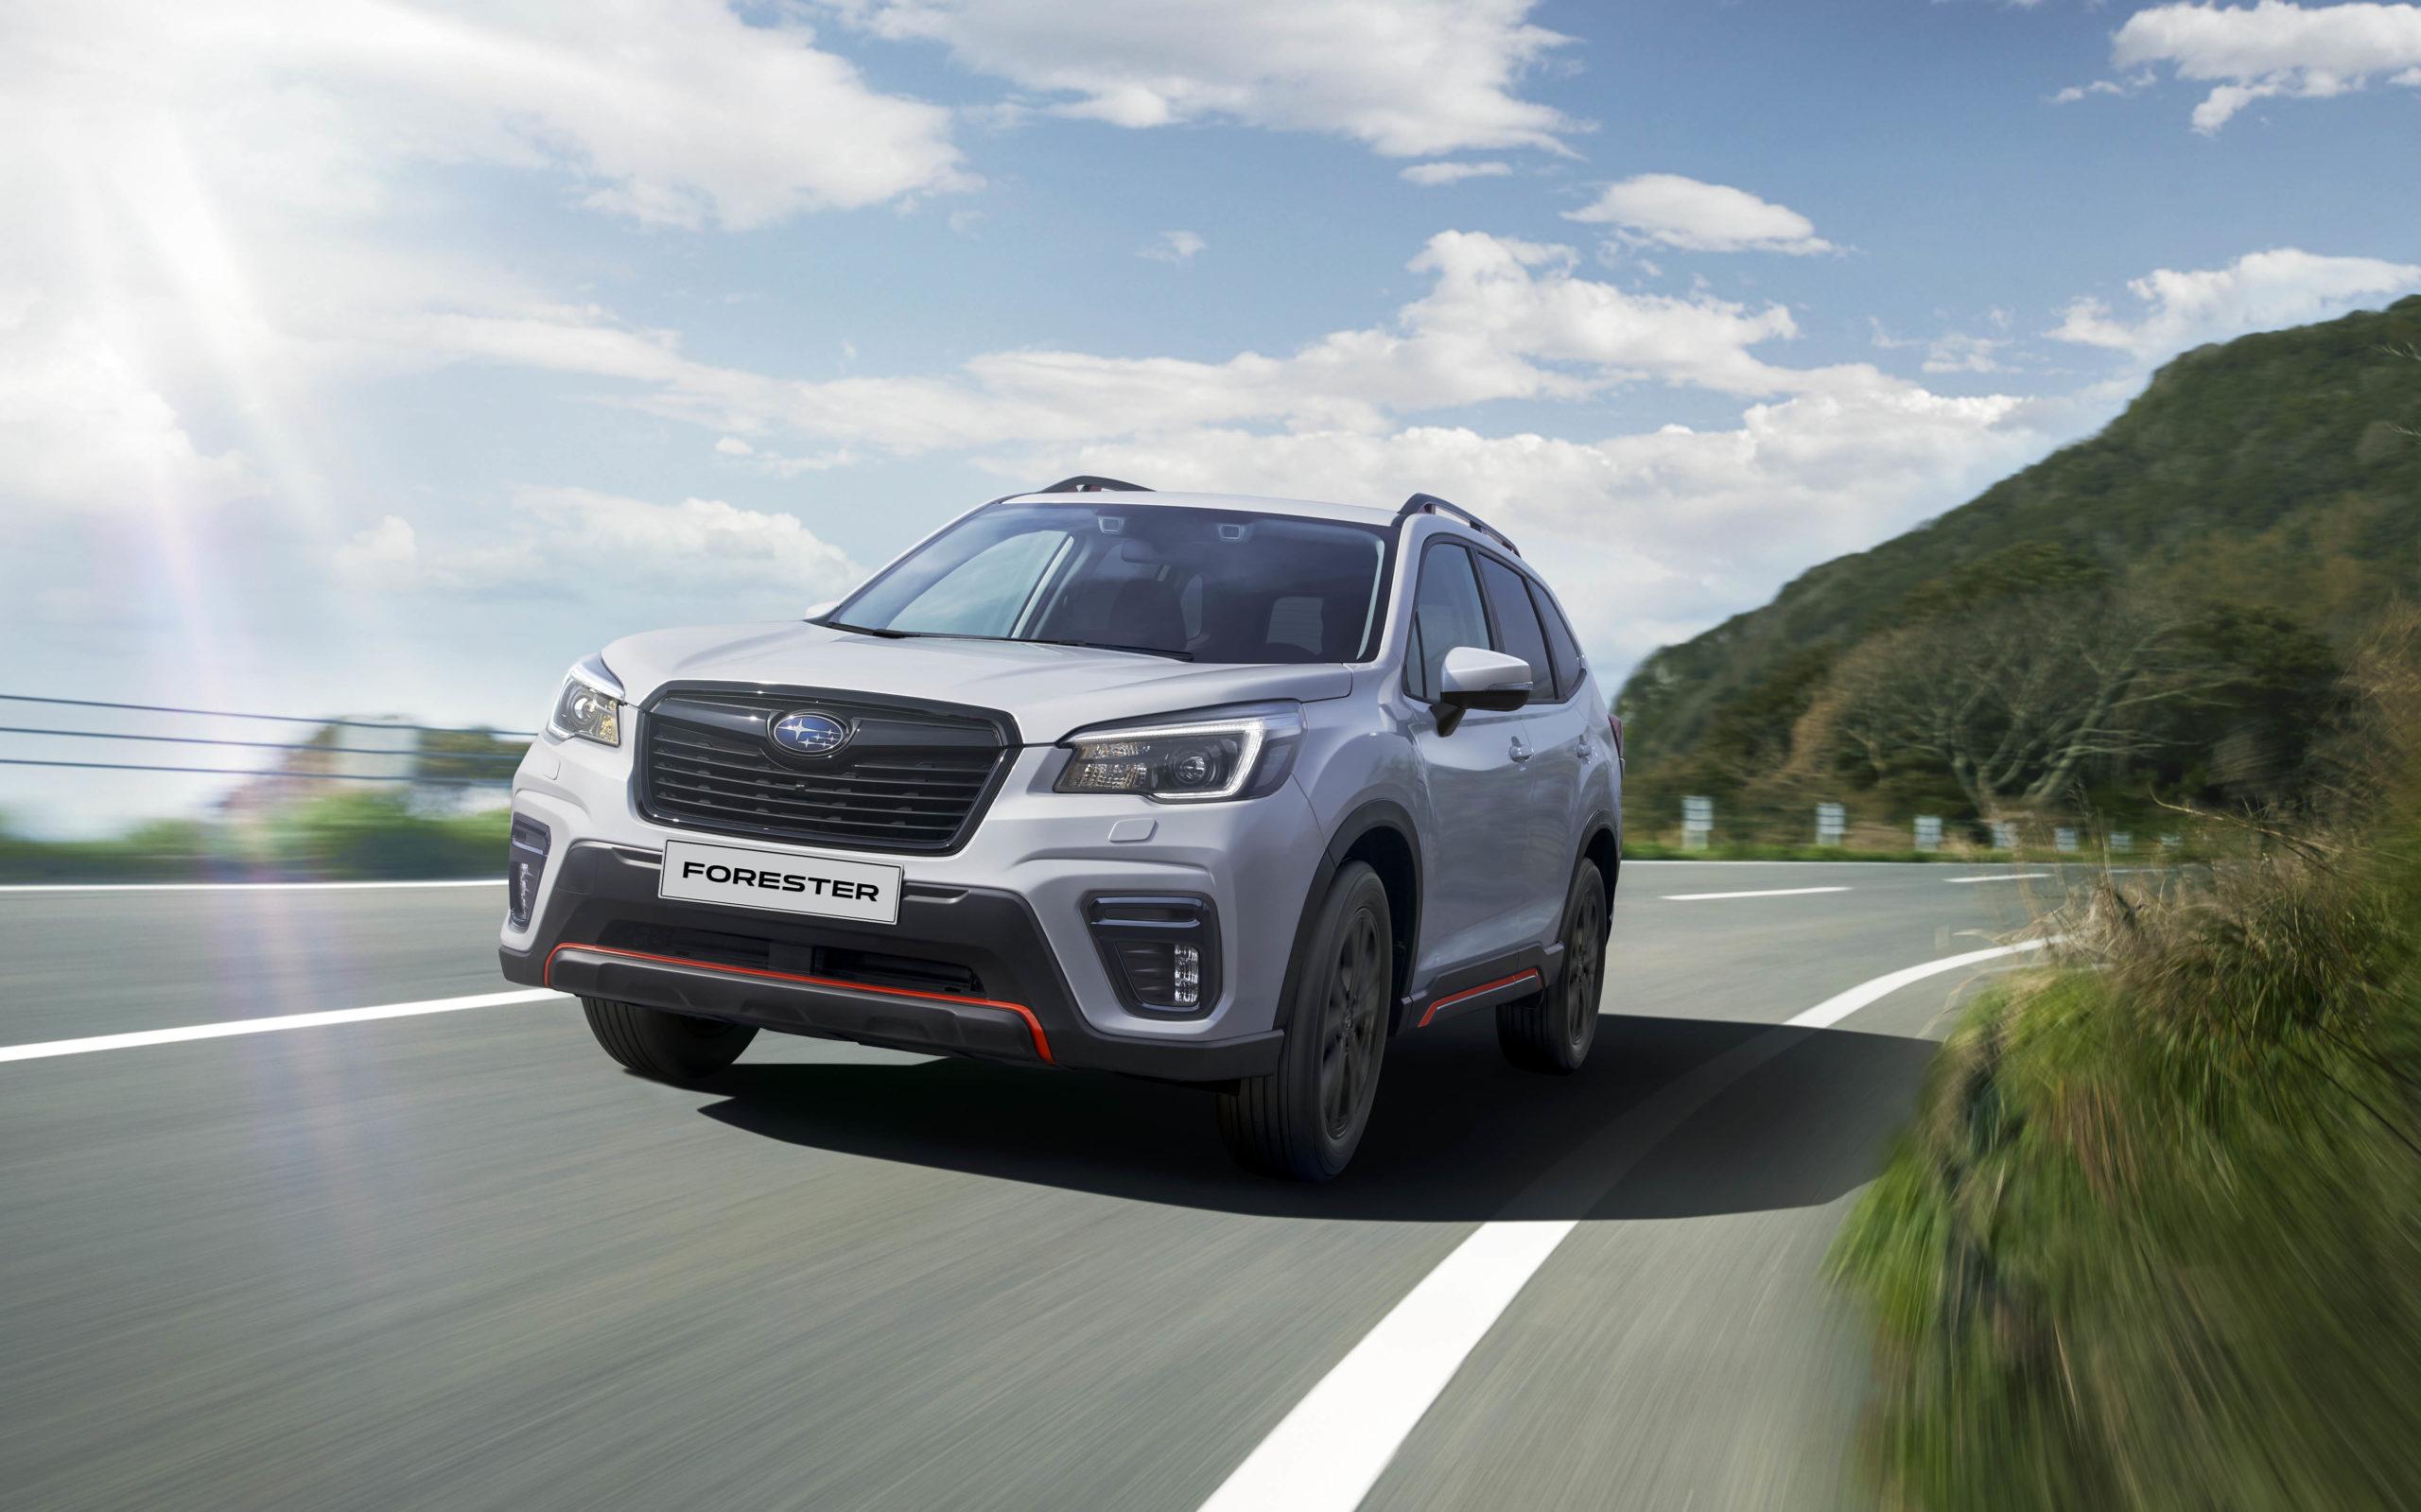 Самым продаваемым в 2020 году для Subaru в России стал кроссовер Forester